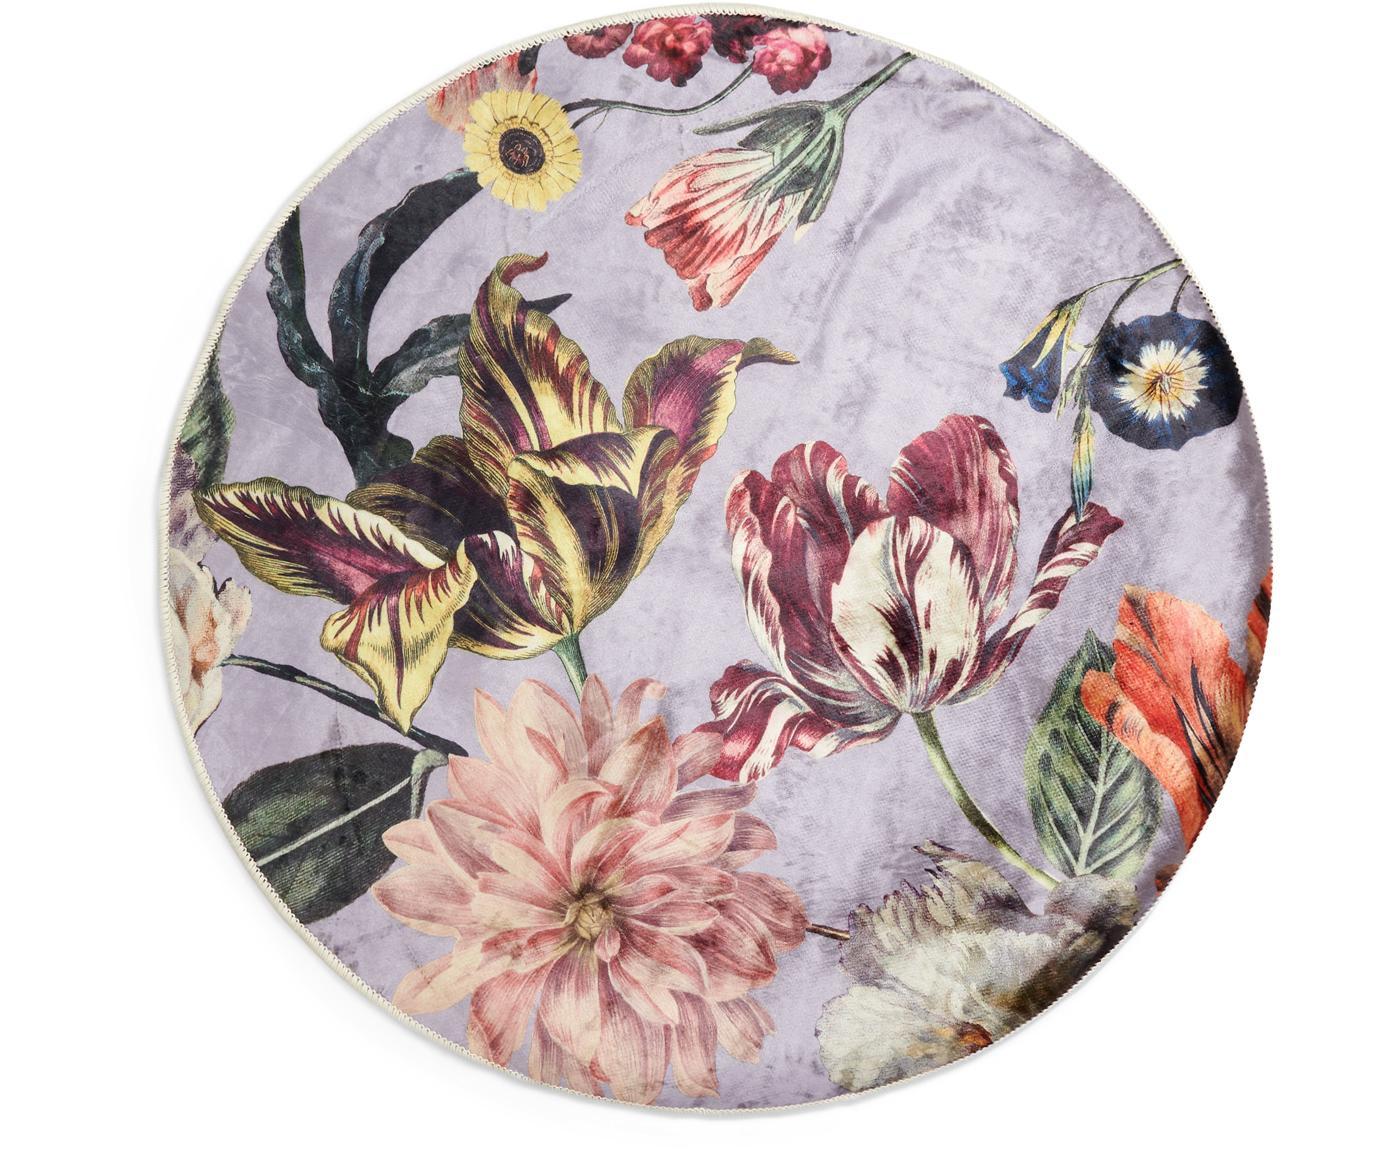 Runder Teppich Filou mit Blumenmuster, 60% Polyester, 30% thermoplastisches Polyurethan, 10% Baumwolle, Lila, Mehrfarbig, Ø 180 cm (Größe L)